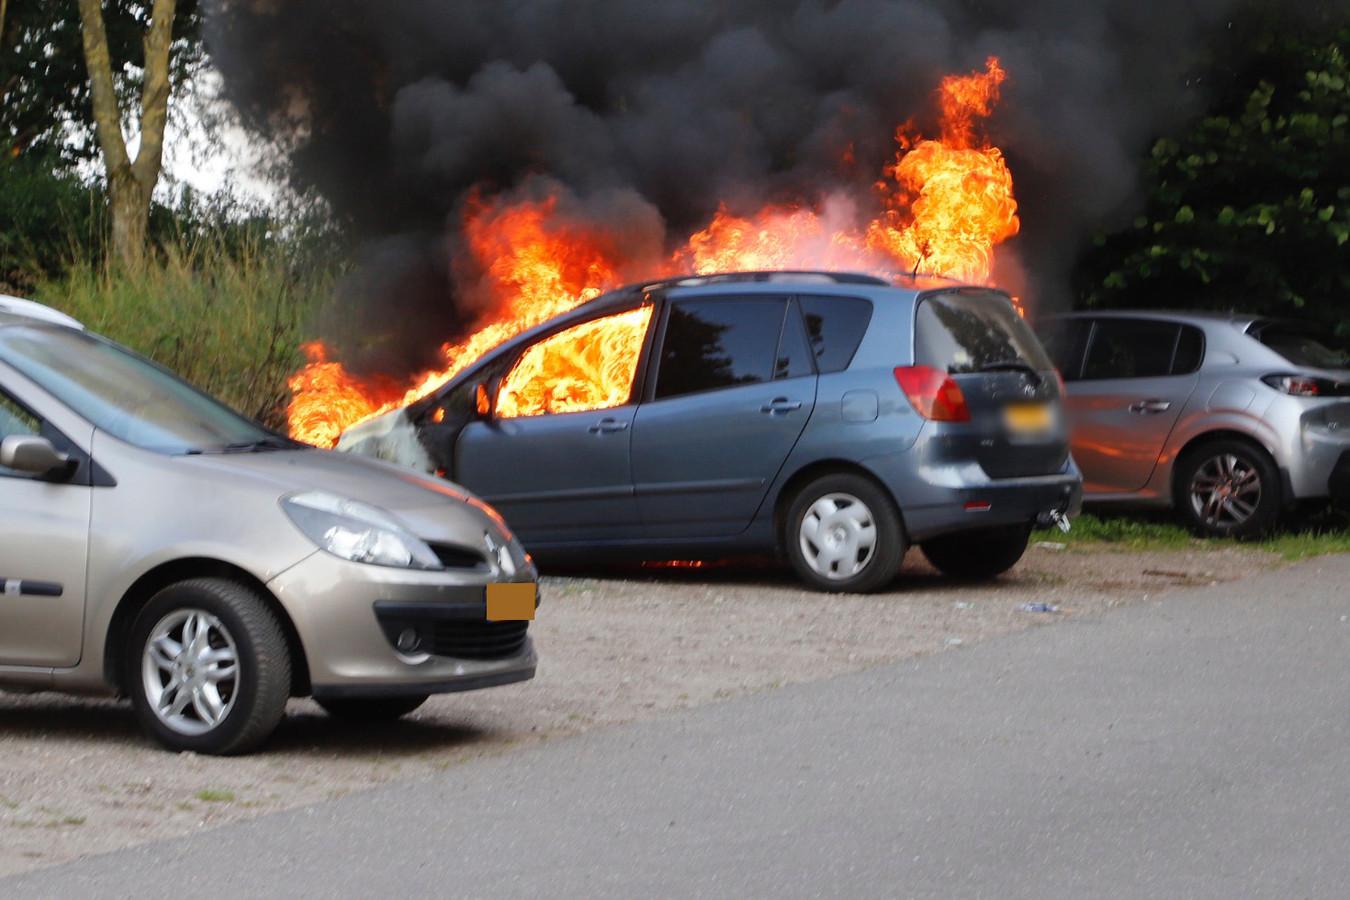 De auto is uitgebrand in Linden.